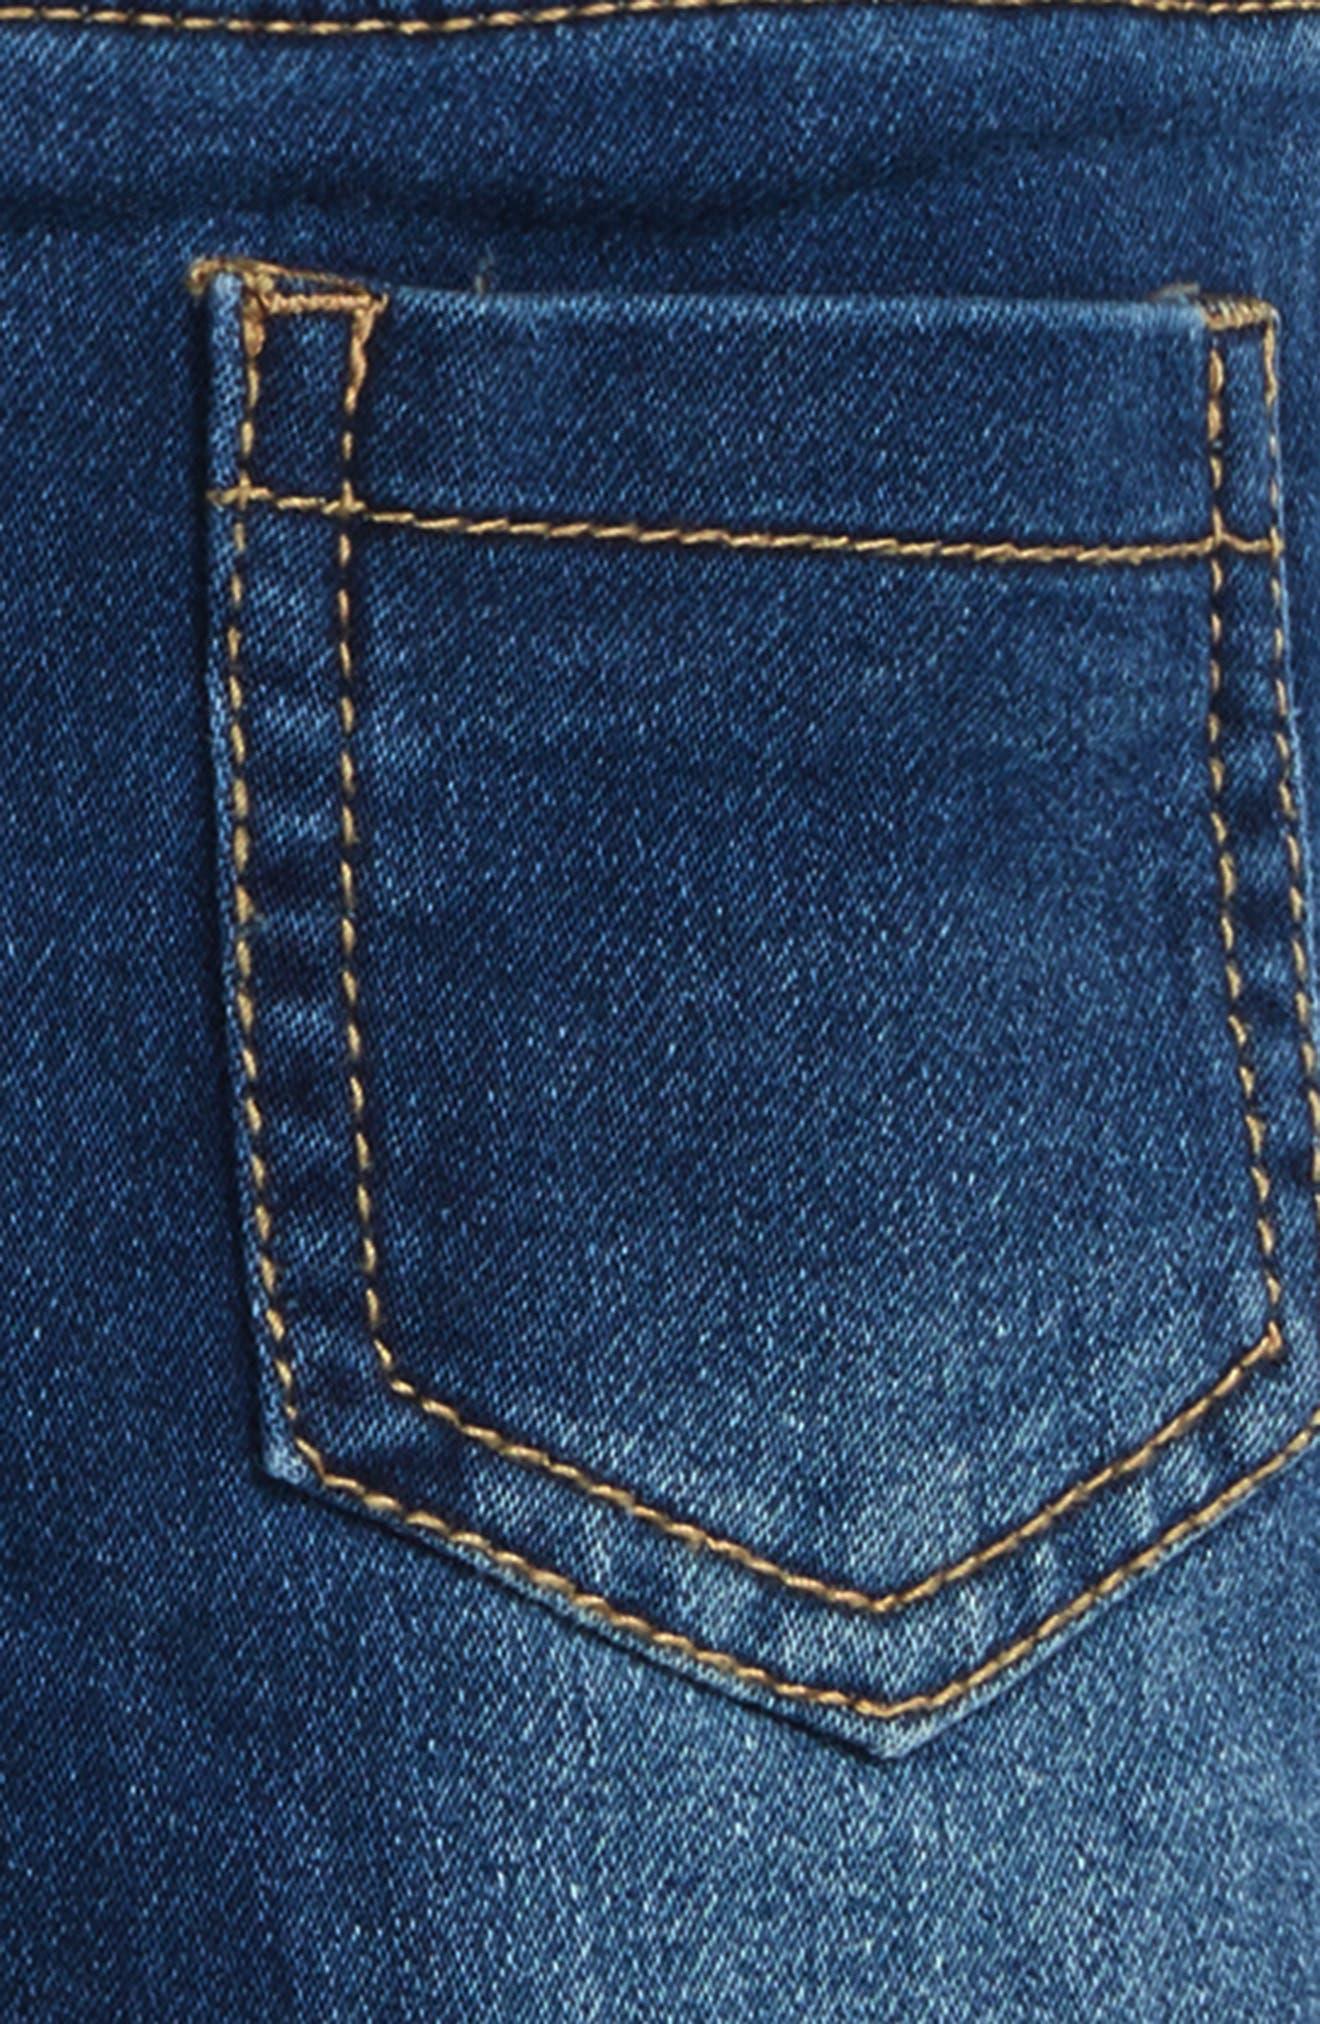 Jeans & Suspenders Set,                             Alternate thumbnail 3, color,                             420